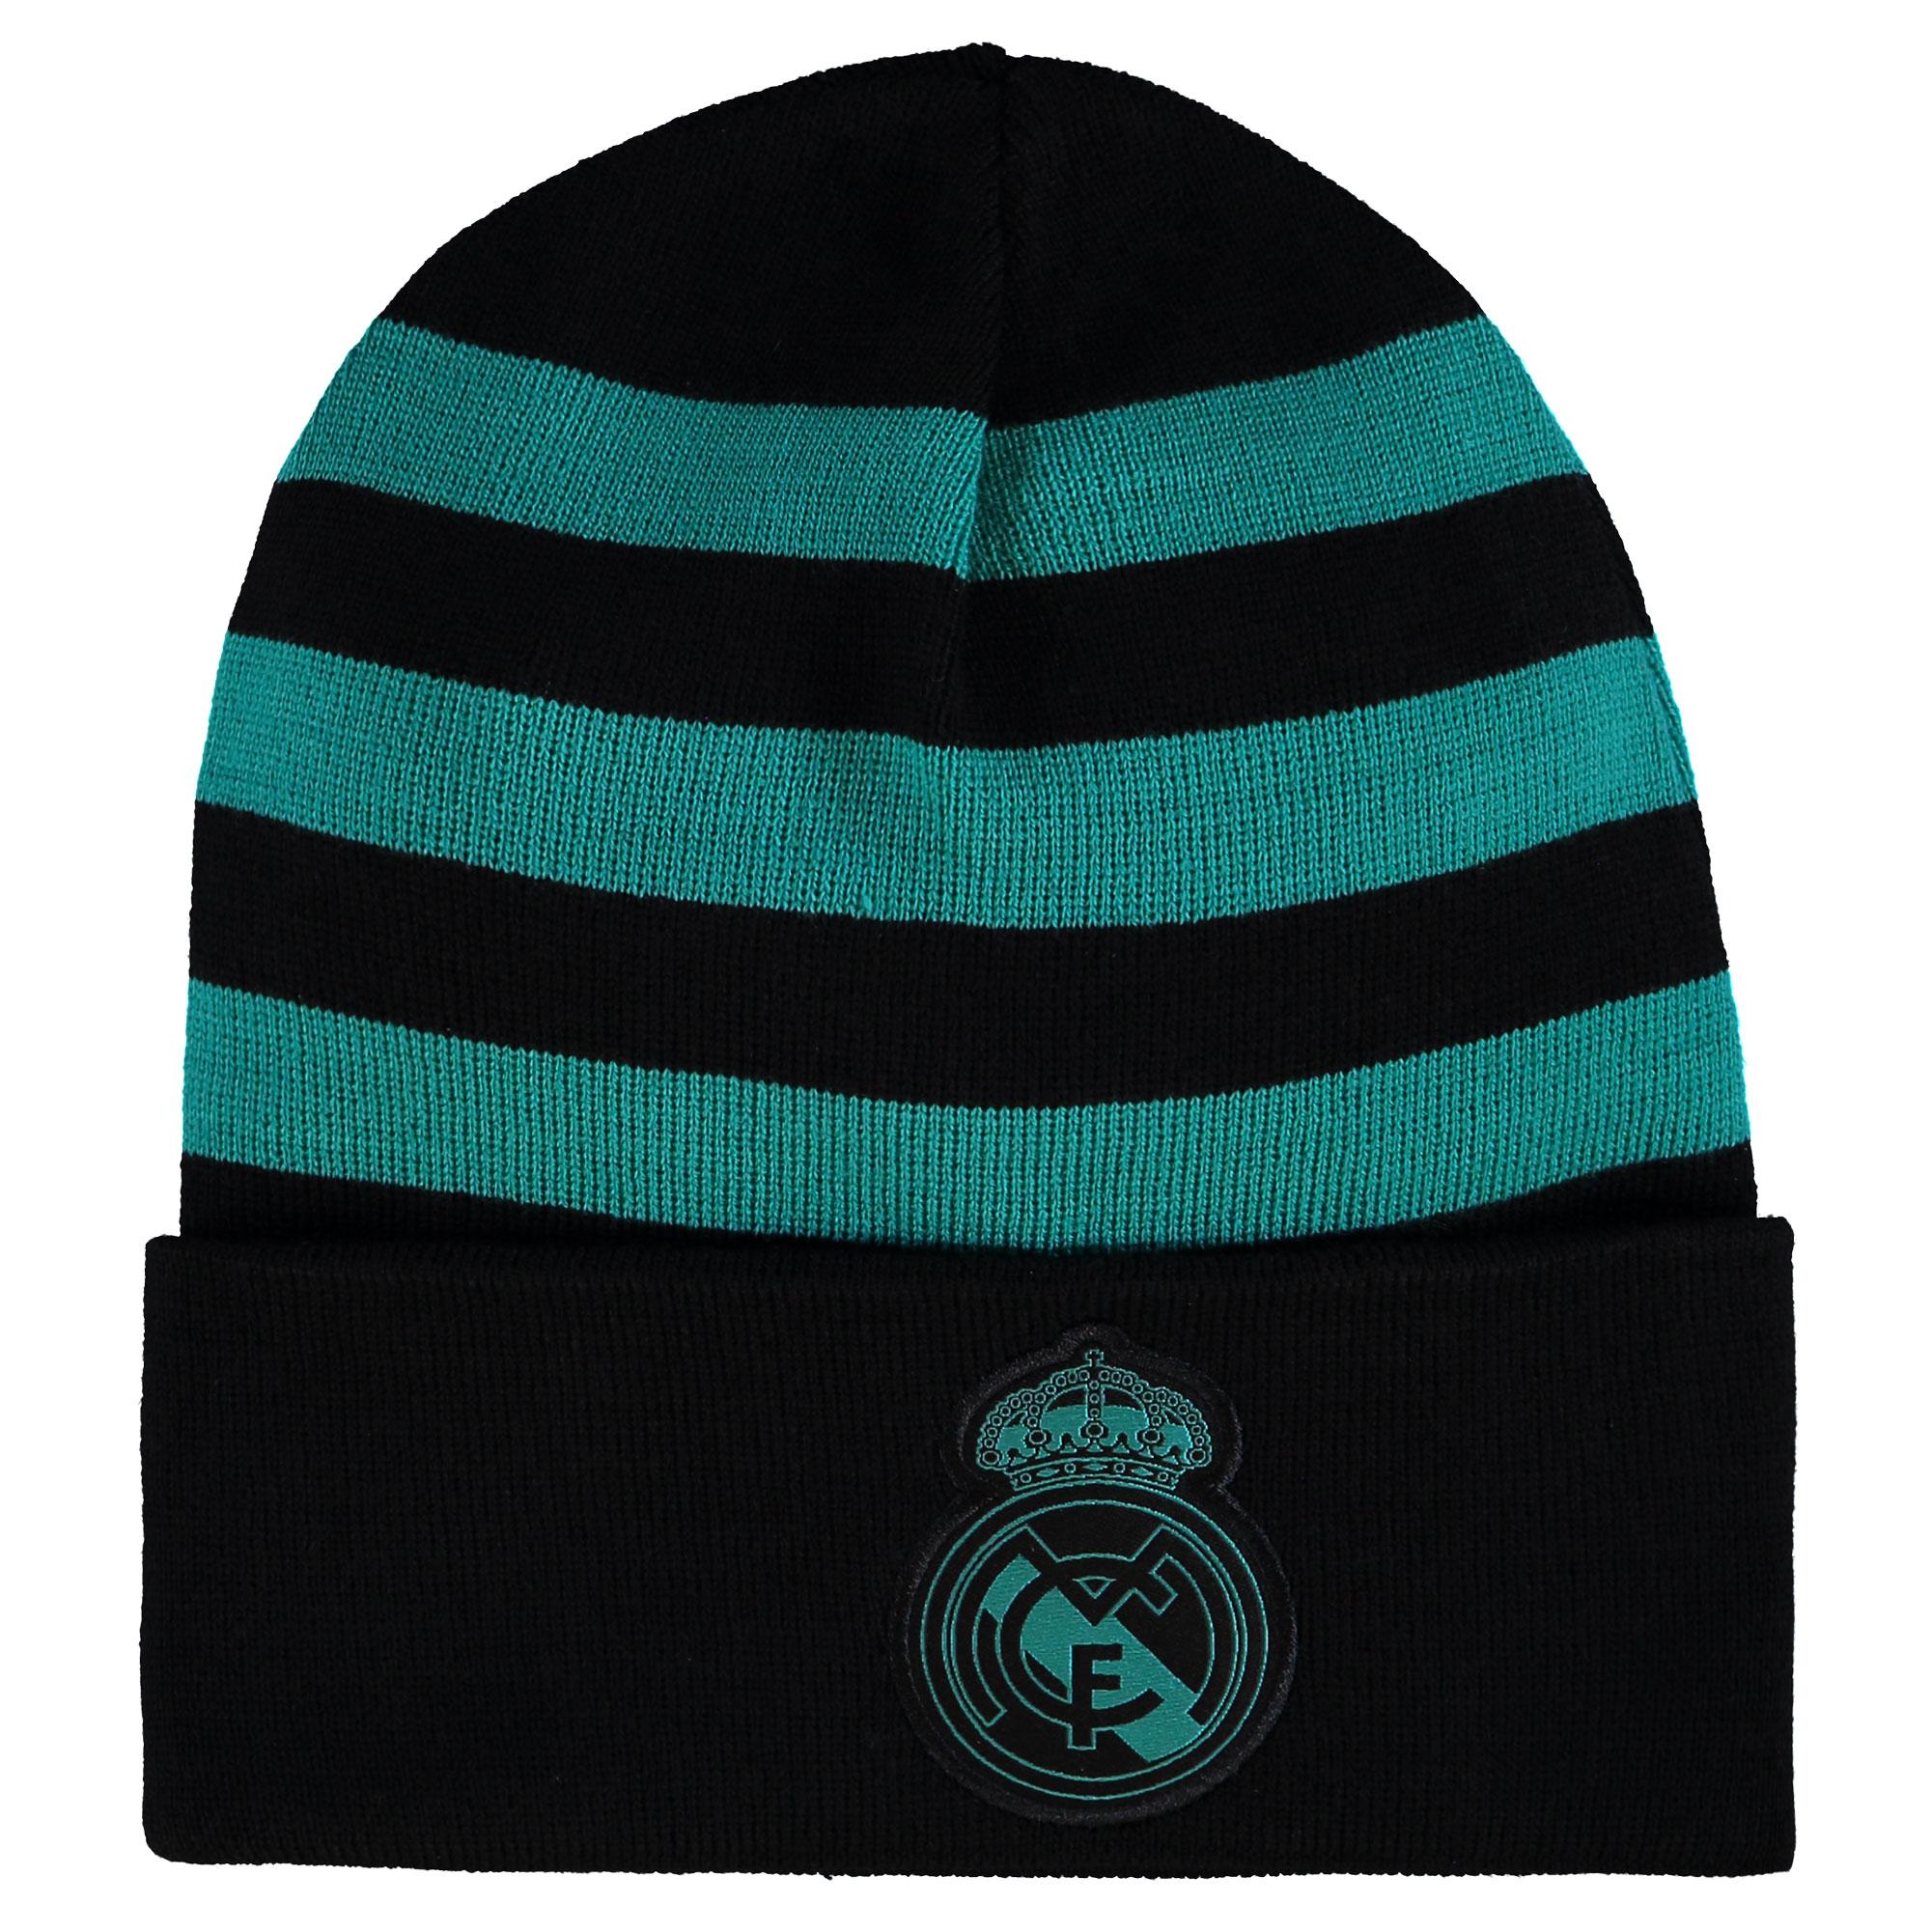 Image of Real Madrid 3 Stripe Woolie Hat - Black